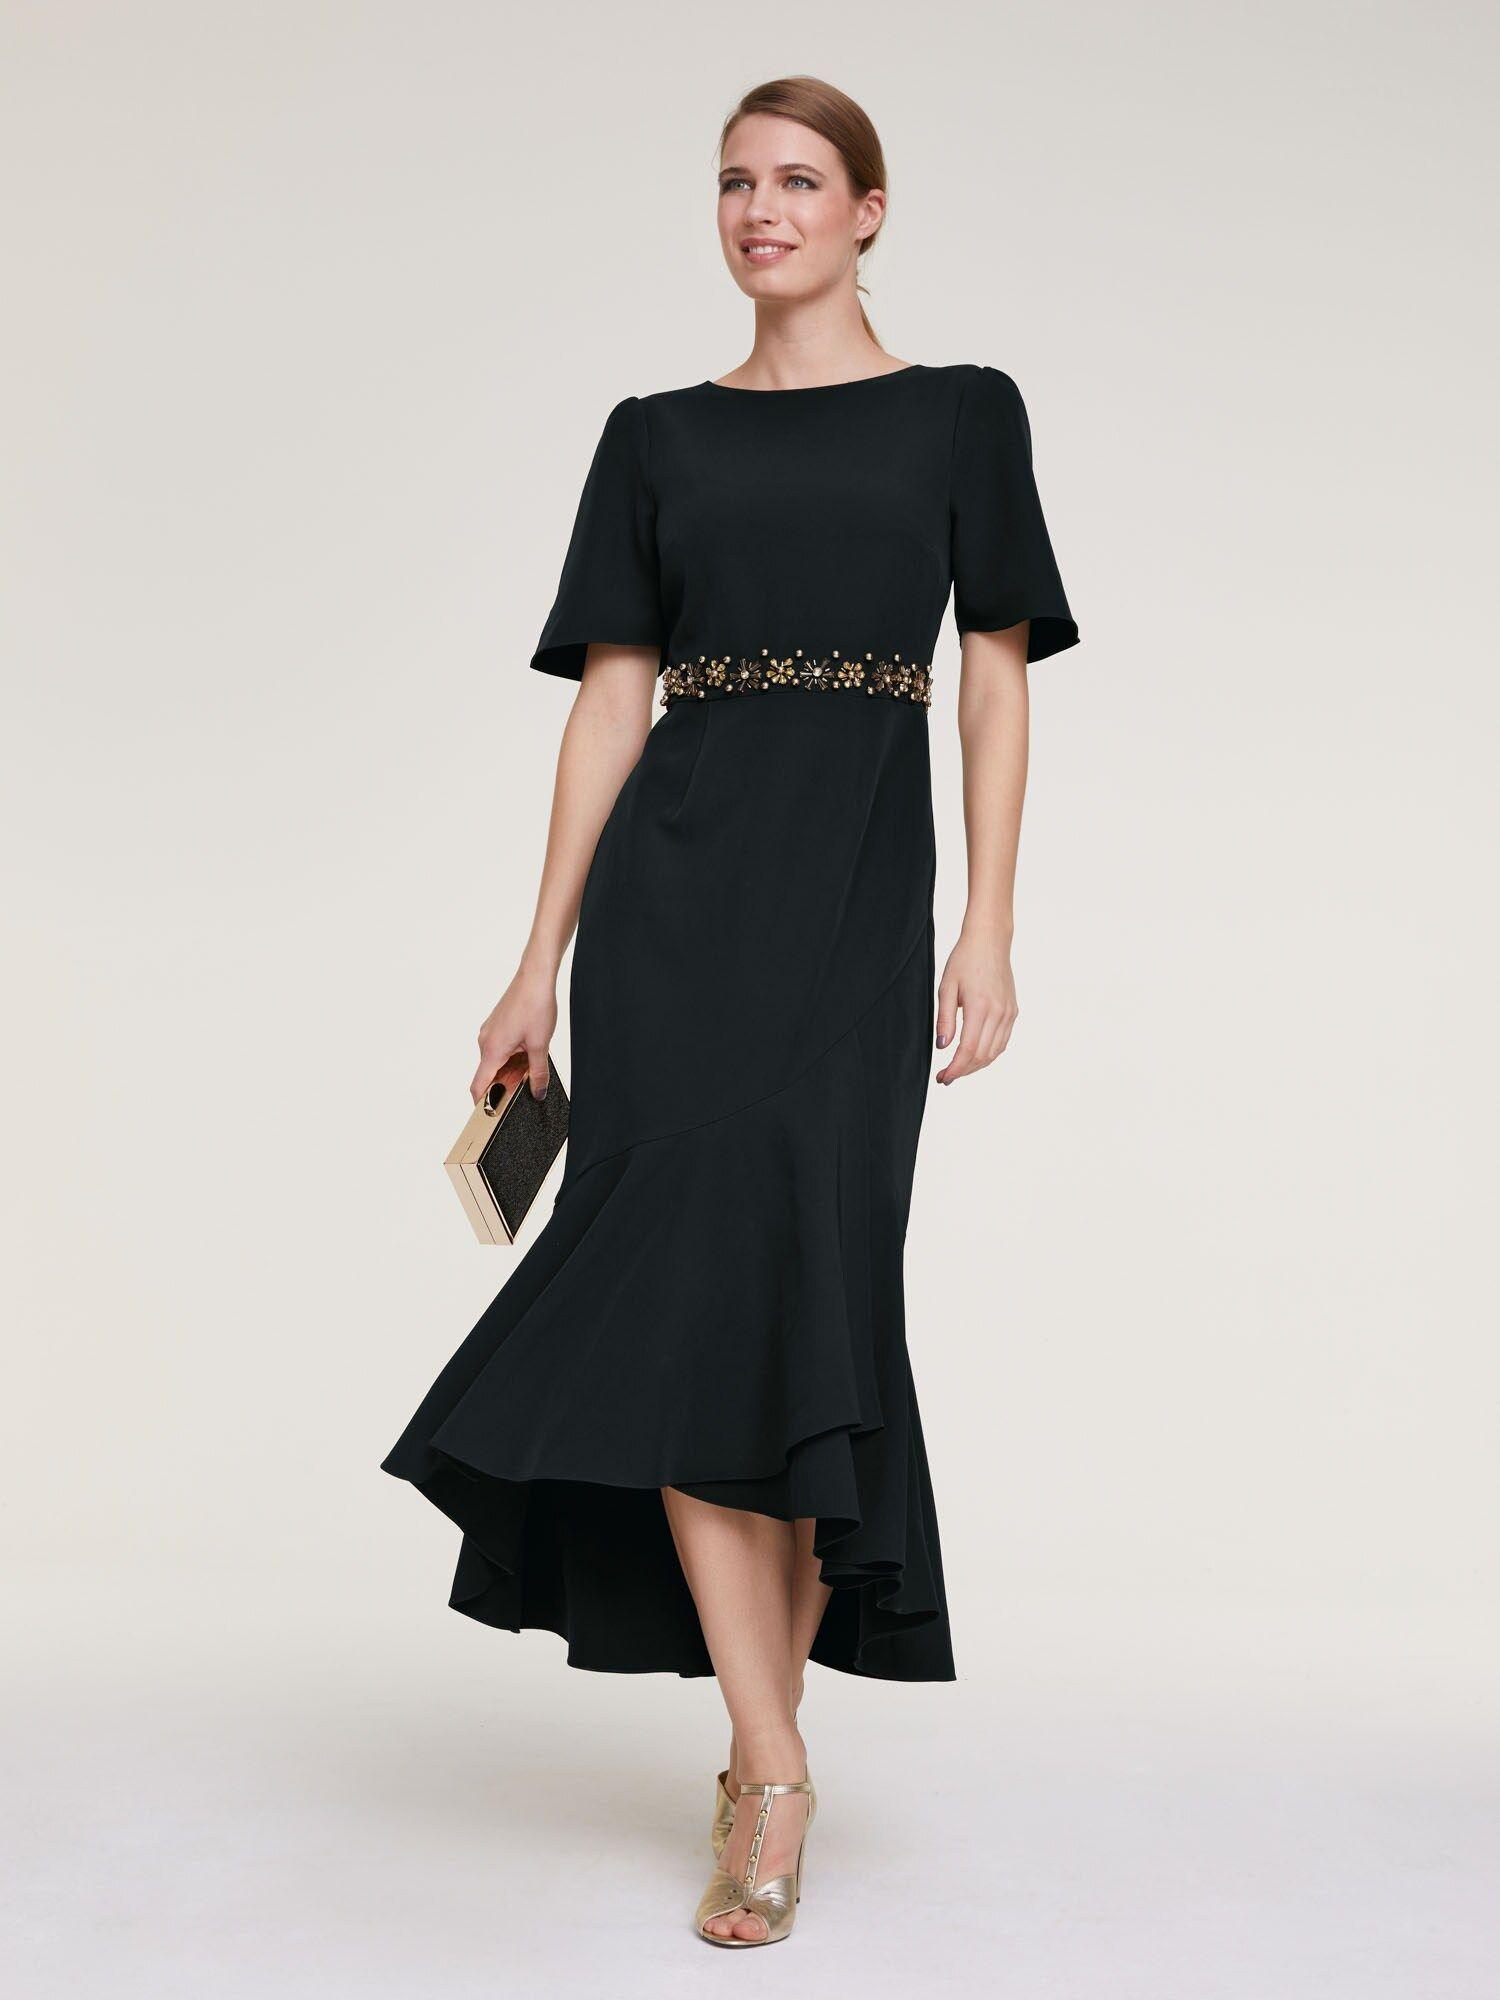 heine abendkleid damen, schwarz, größe 36 | abendkleid